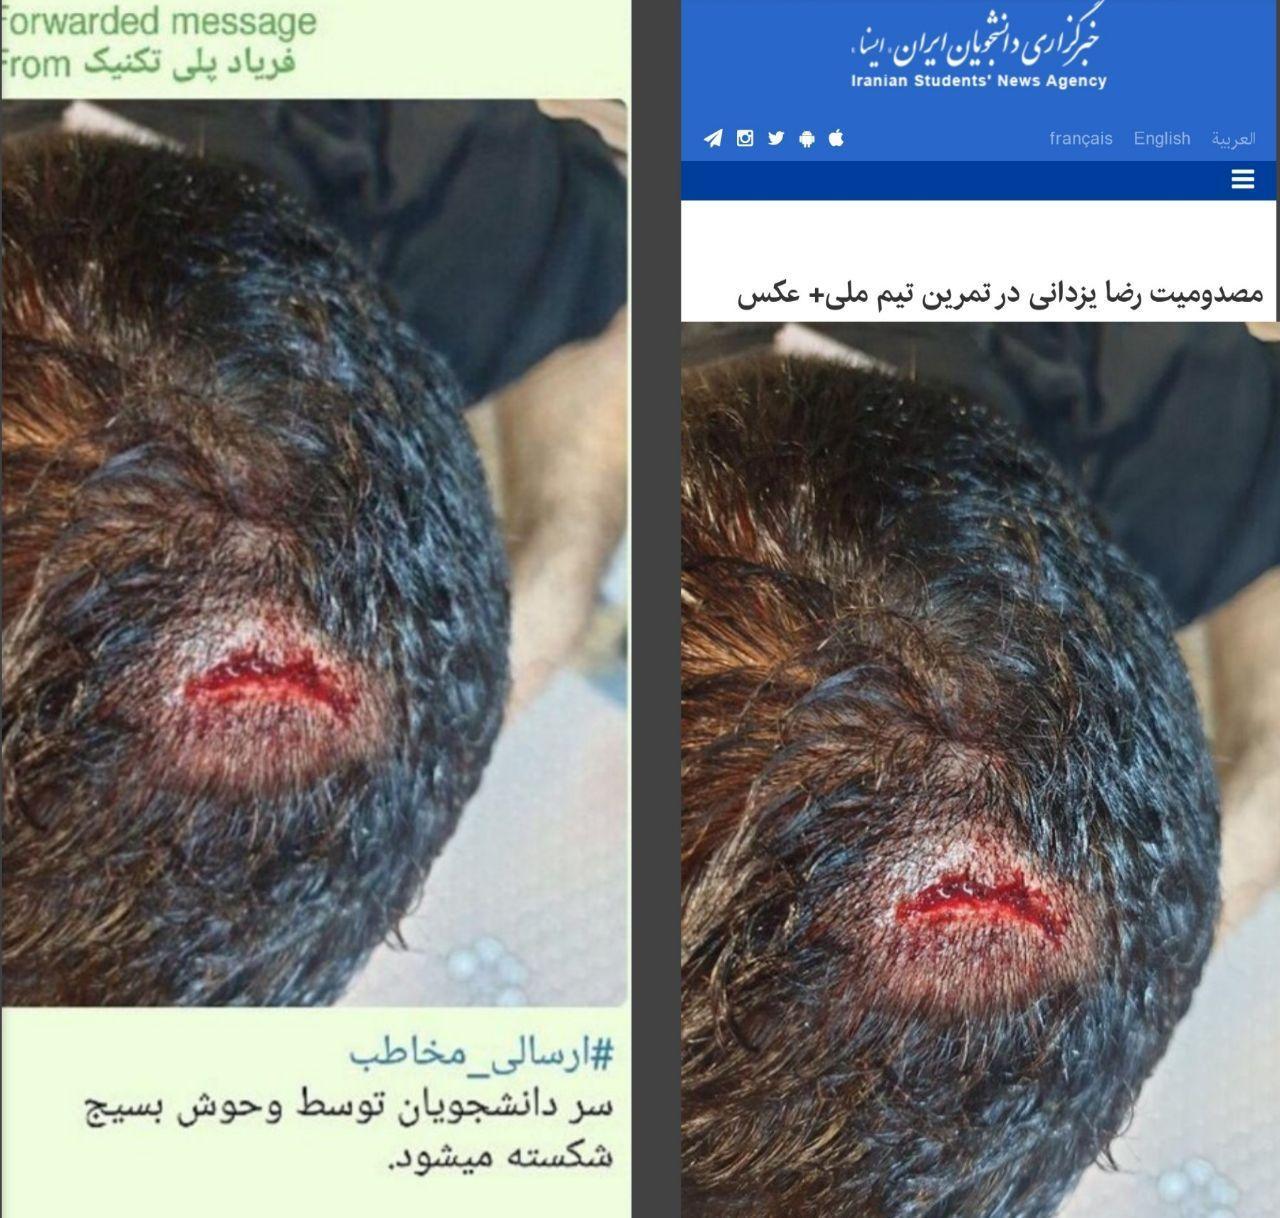 پروژه خشونت سازی اینبار با تصاویر مسدومیت کشتی گیر ایرانی